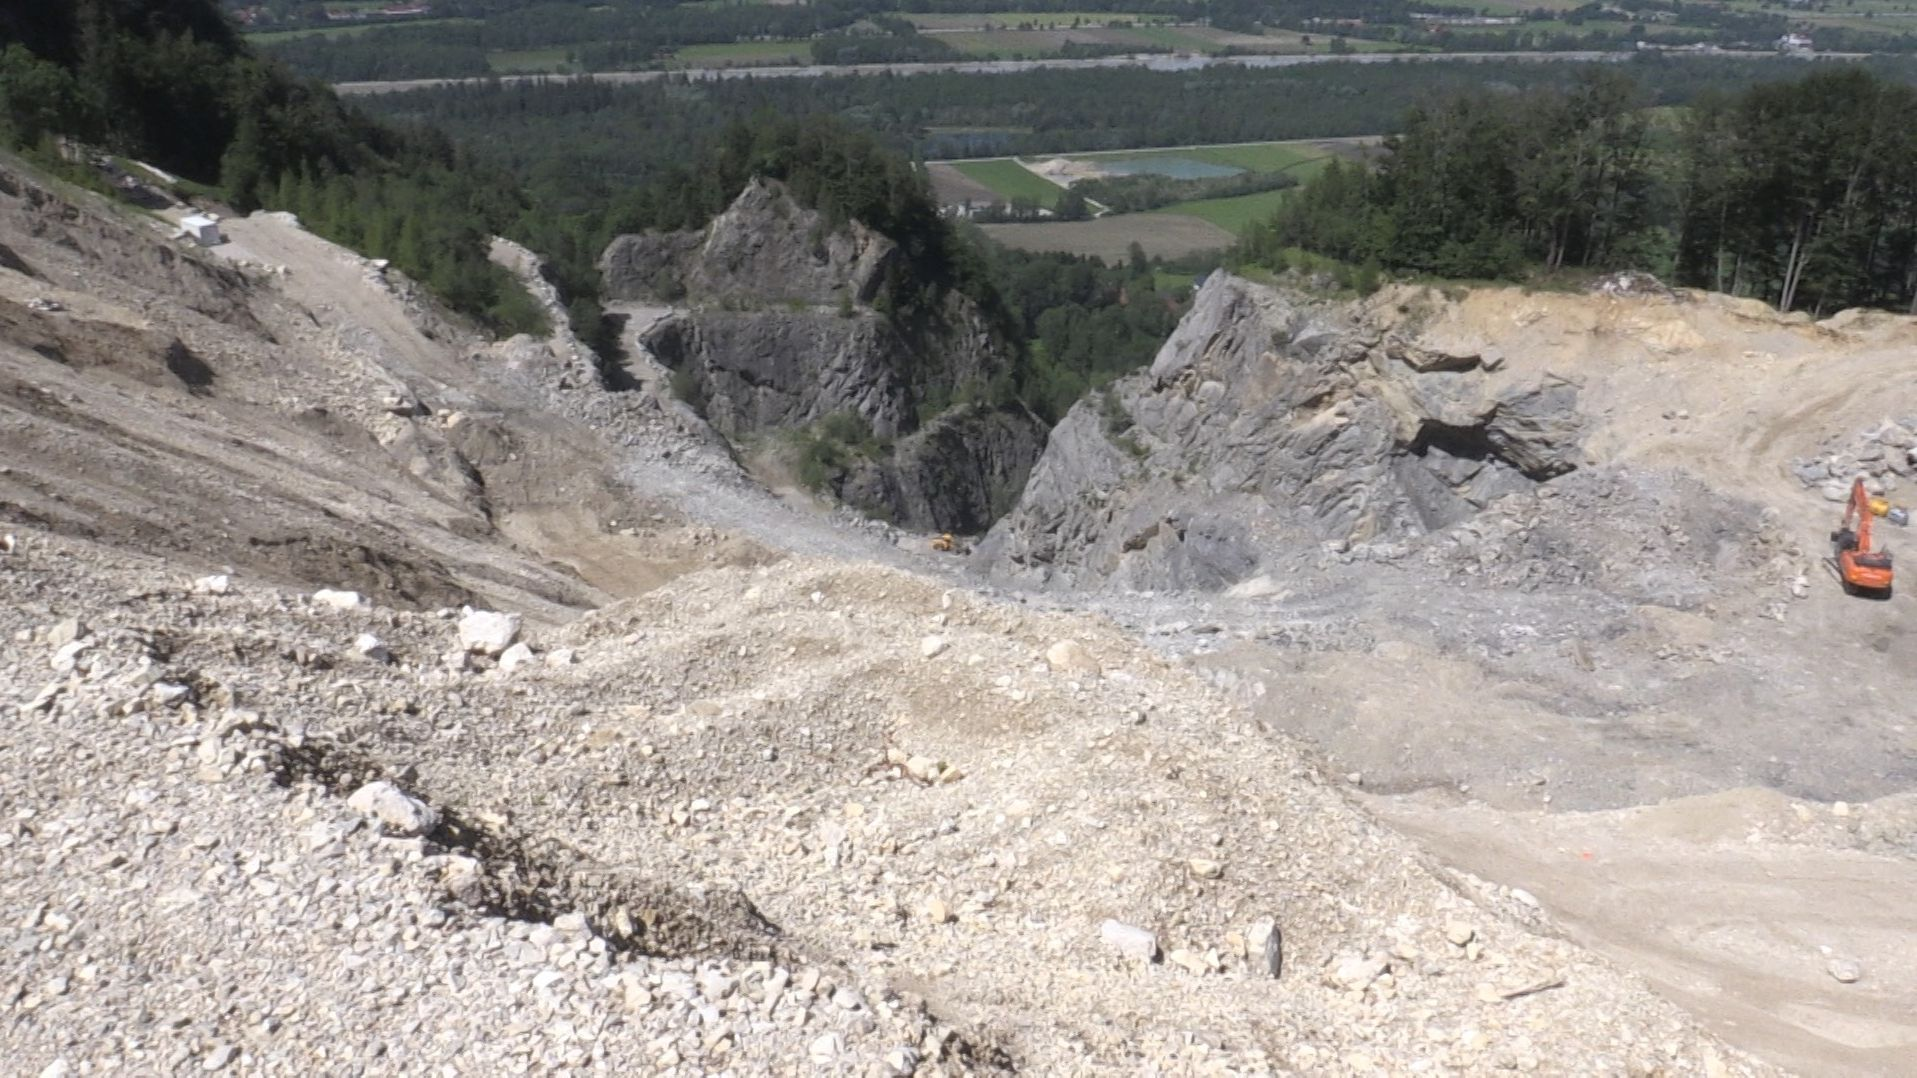 Der Steinbruch am Heuberg, Blick von oben.